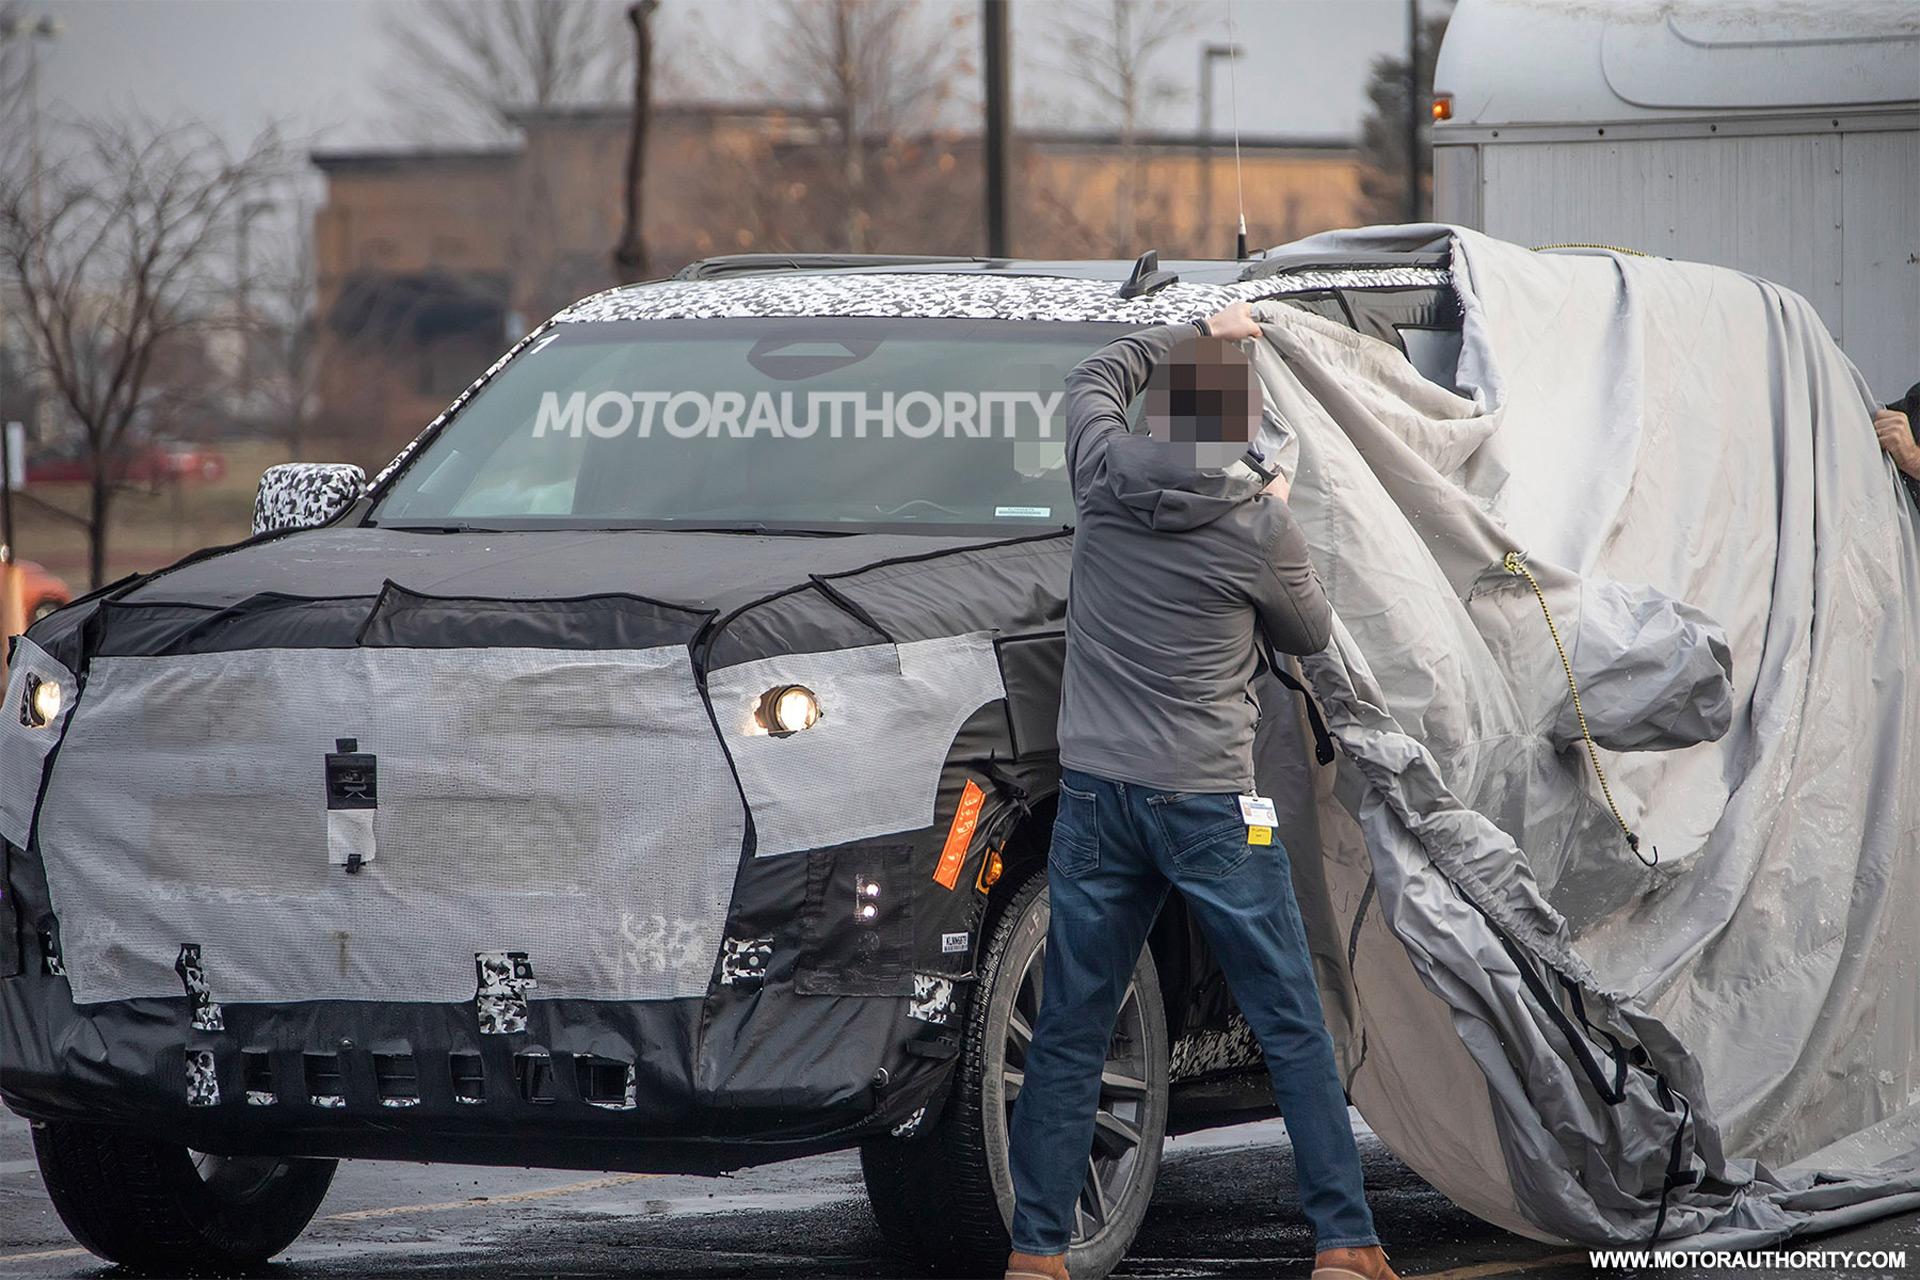 202 - [Cadillac] Escalade V 2020-cadillac-escalade-esv-spy-shots--image-via-s-baldauf-sb-medien_100684225_h